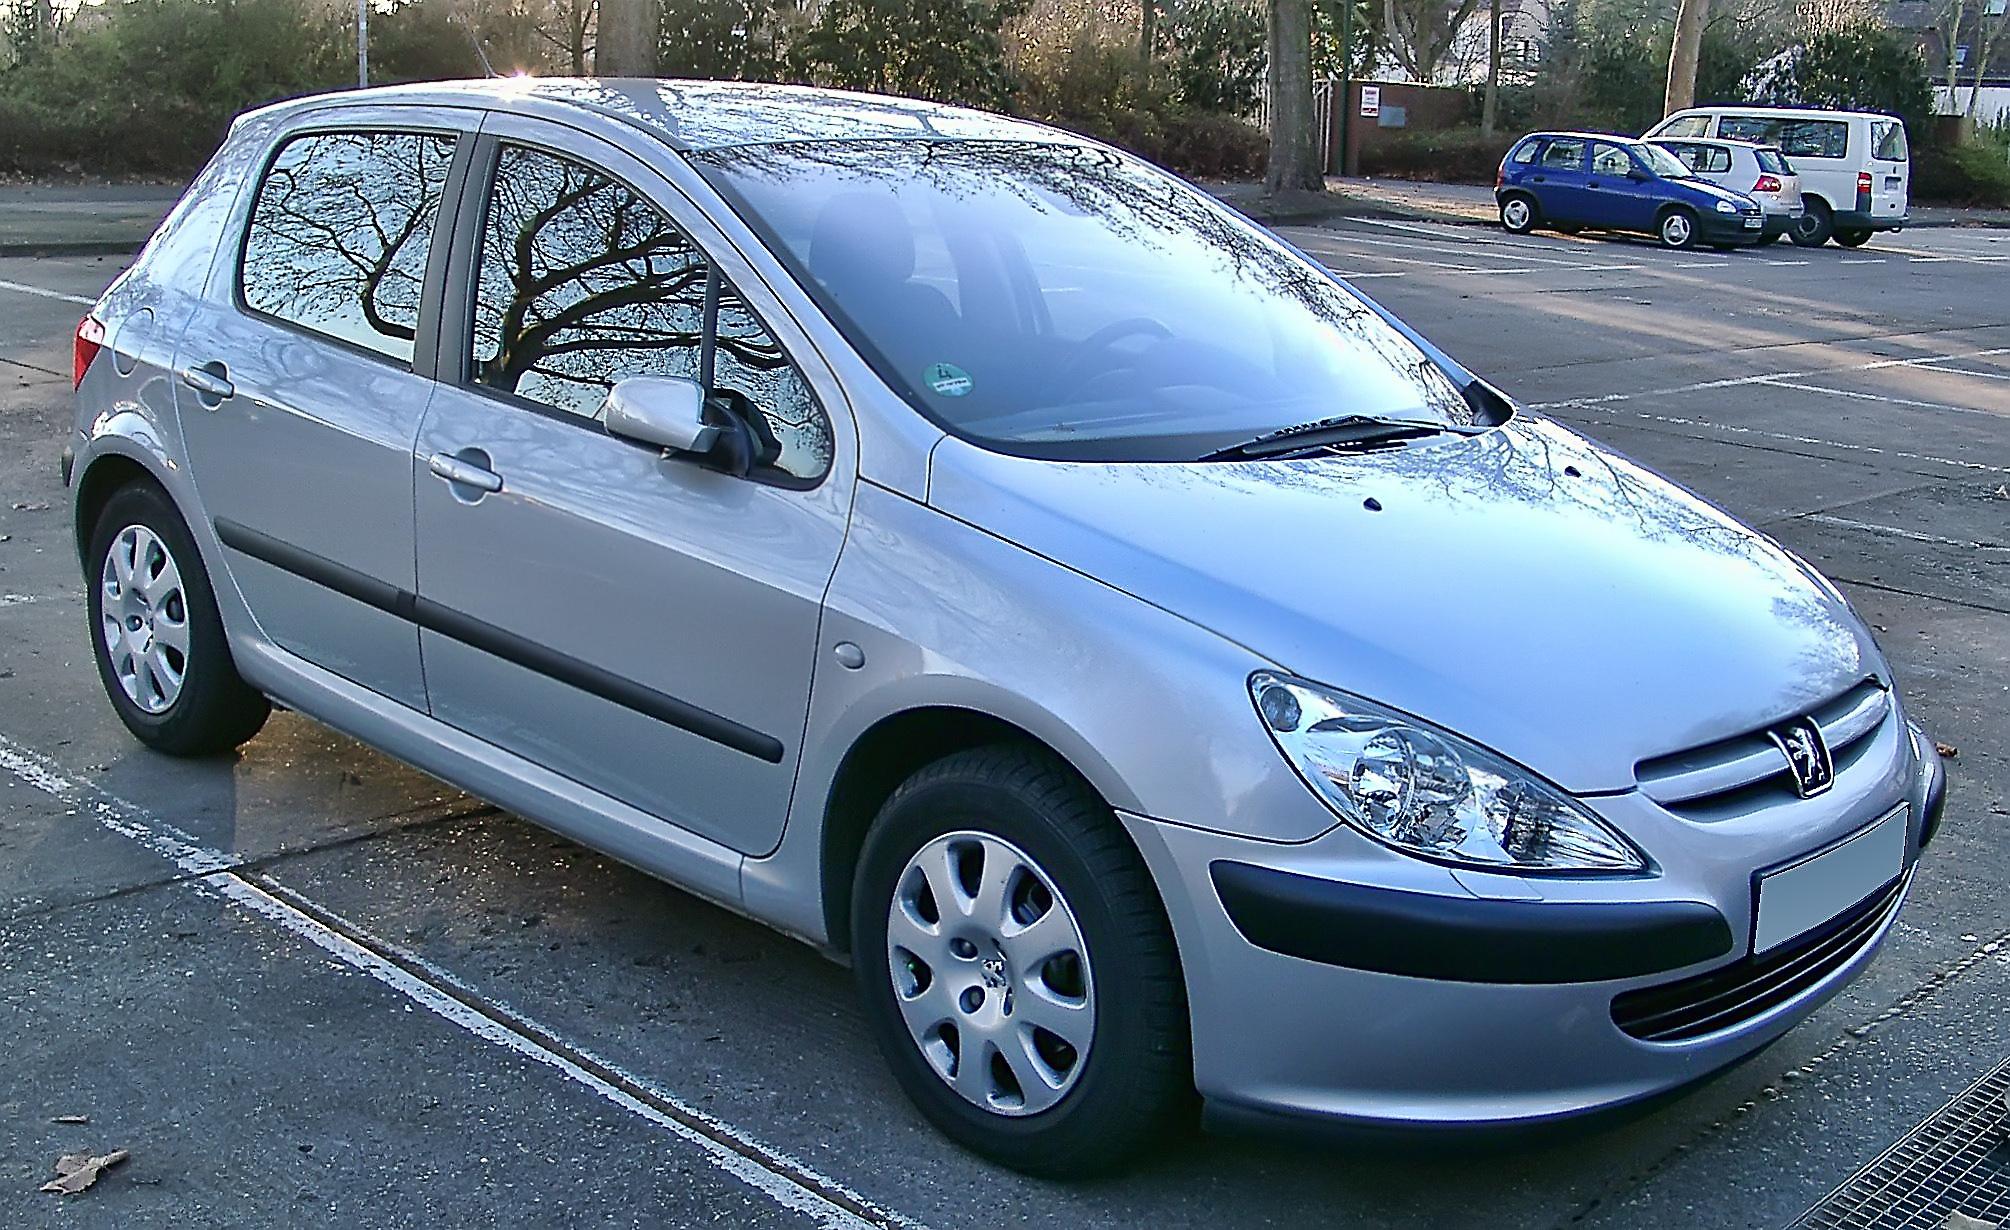 File:Peugeot 307 front 20071217.jpg